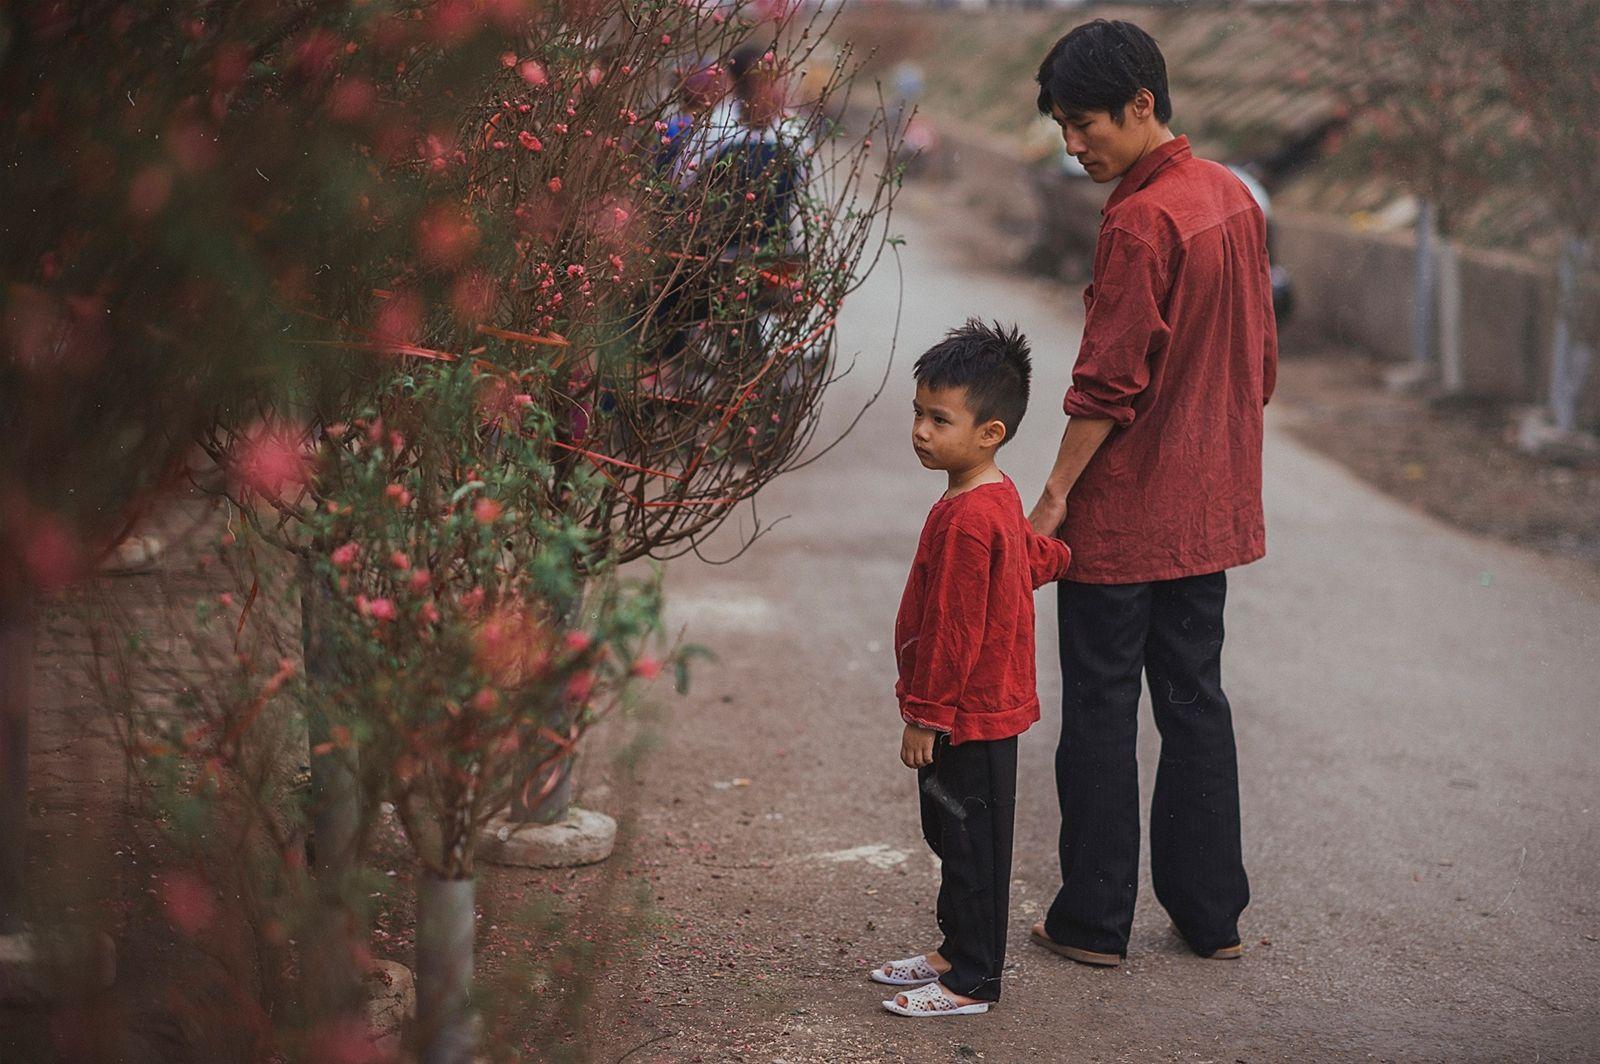 ... mới đây của nhiếp ảnh gia không chuyên James Quang khiến cộng đồng mạng ám ảnh và thổn thức bởi ánh mắt khát khao của con trẻ giữa một \